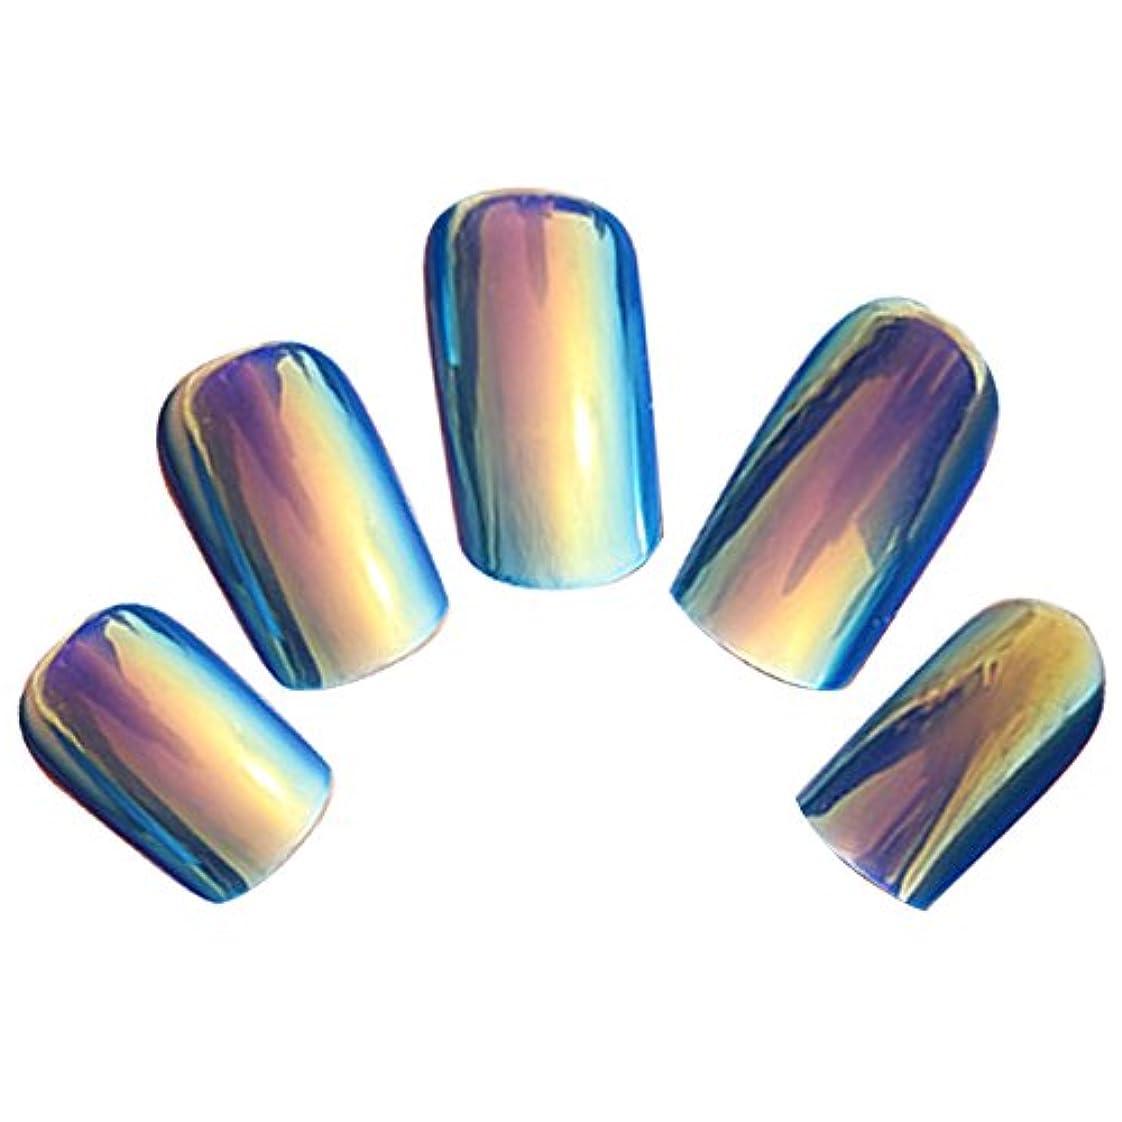 要塞わずかに解体するゴシレ Gosear 24 個 12 サイズ ネイルチップ 人工偽爪のヒント 青色